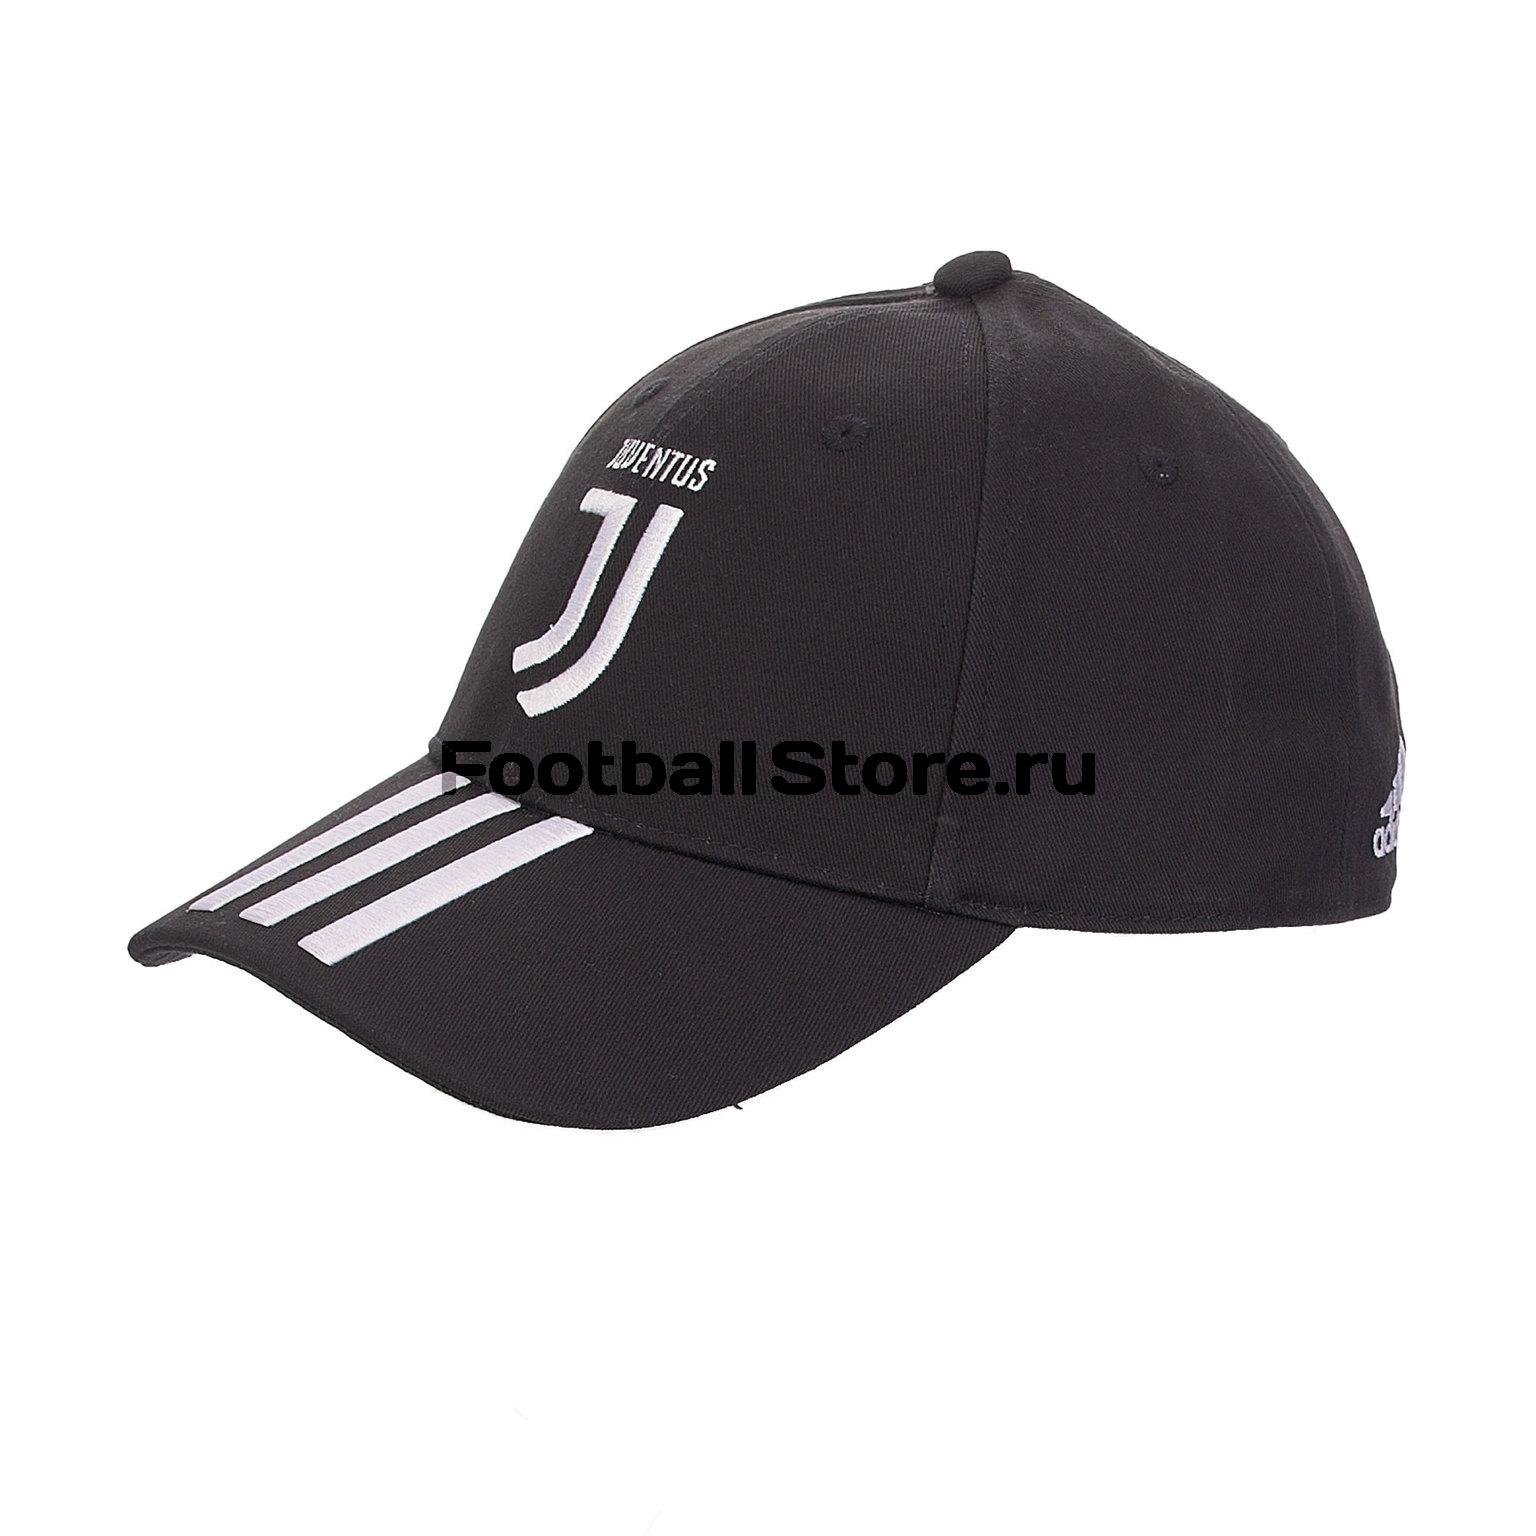 Бейсболка Adidas Juventus C40 Cap DY7527